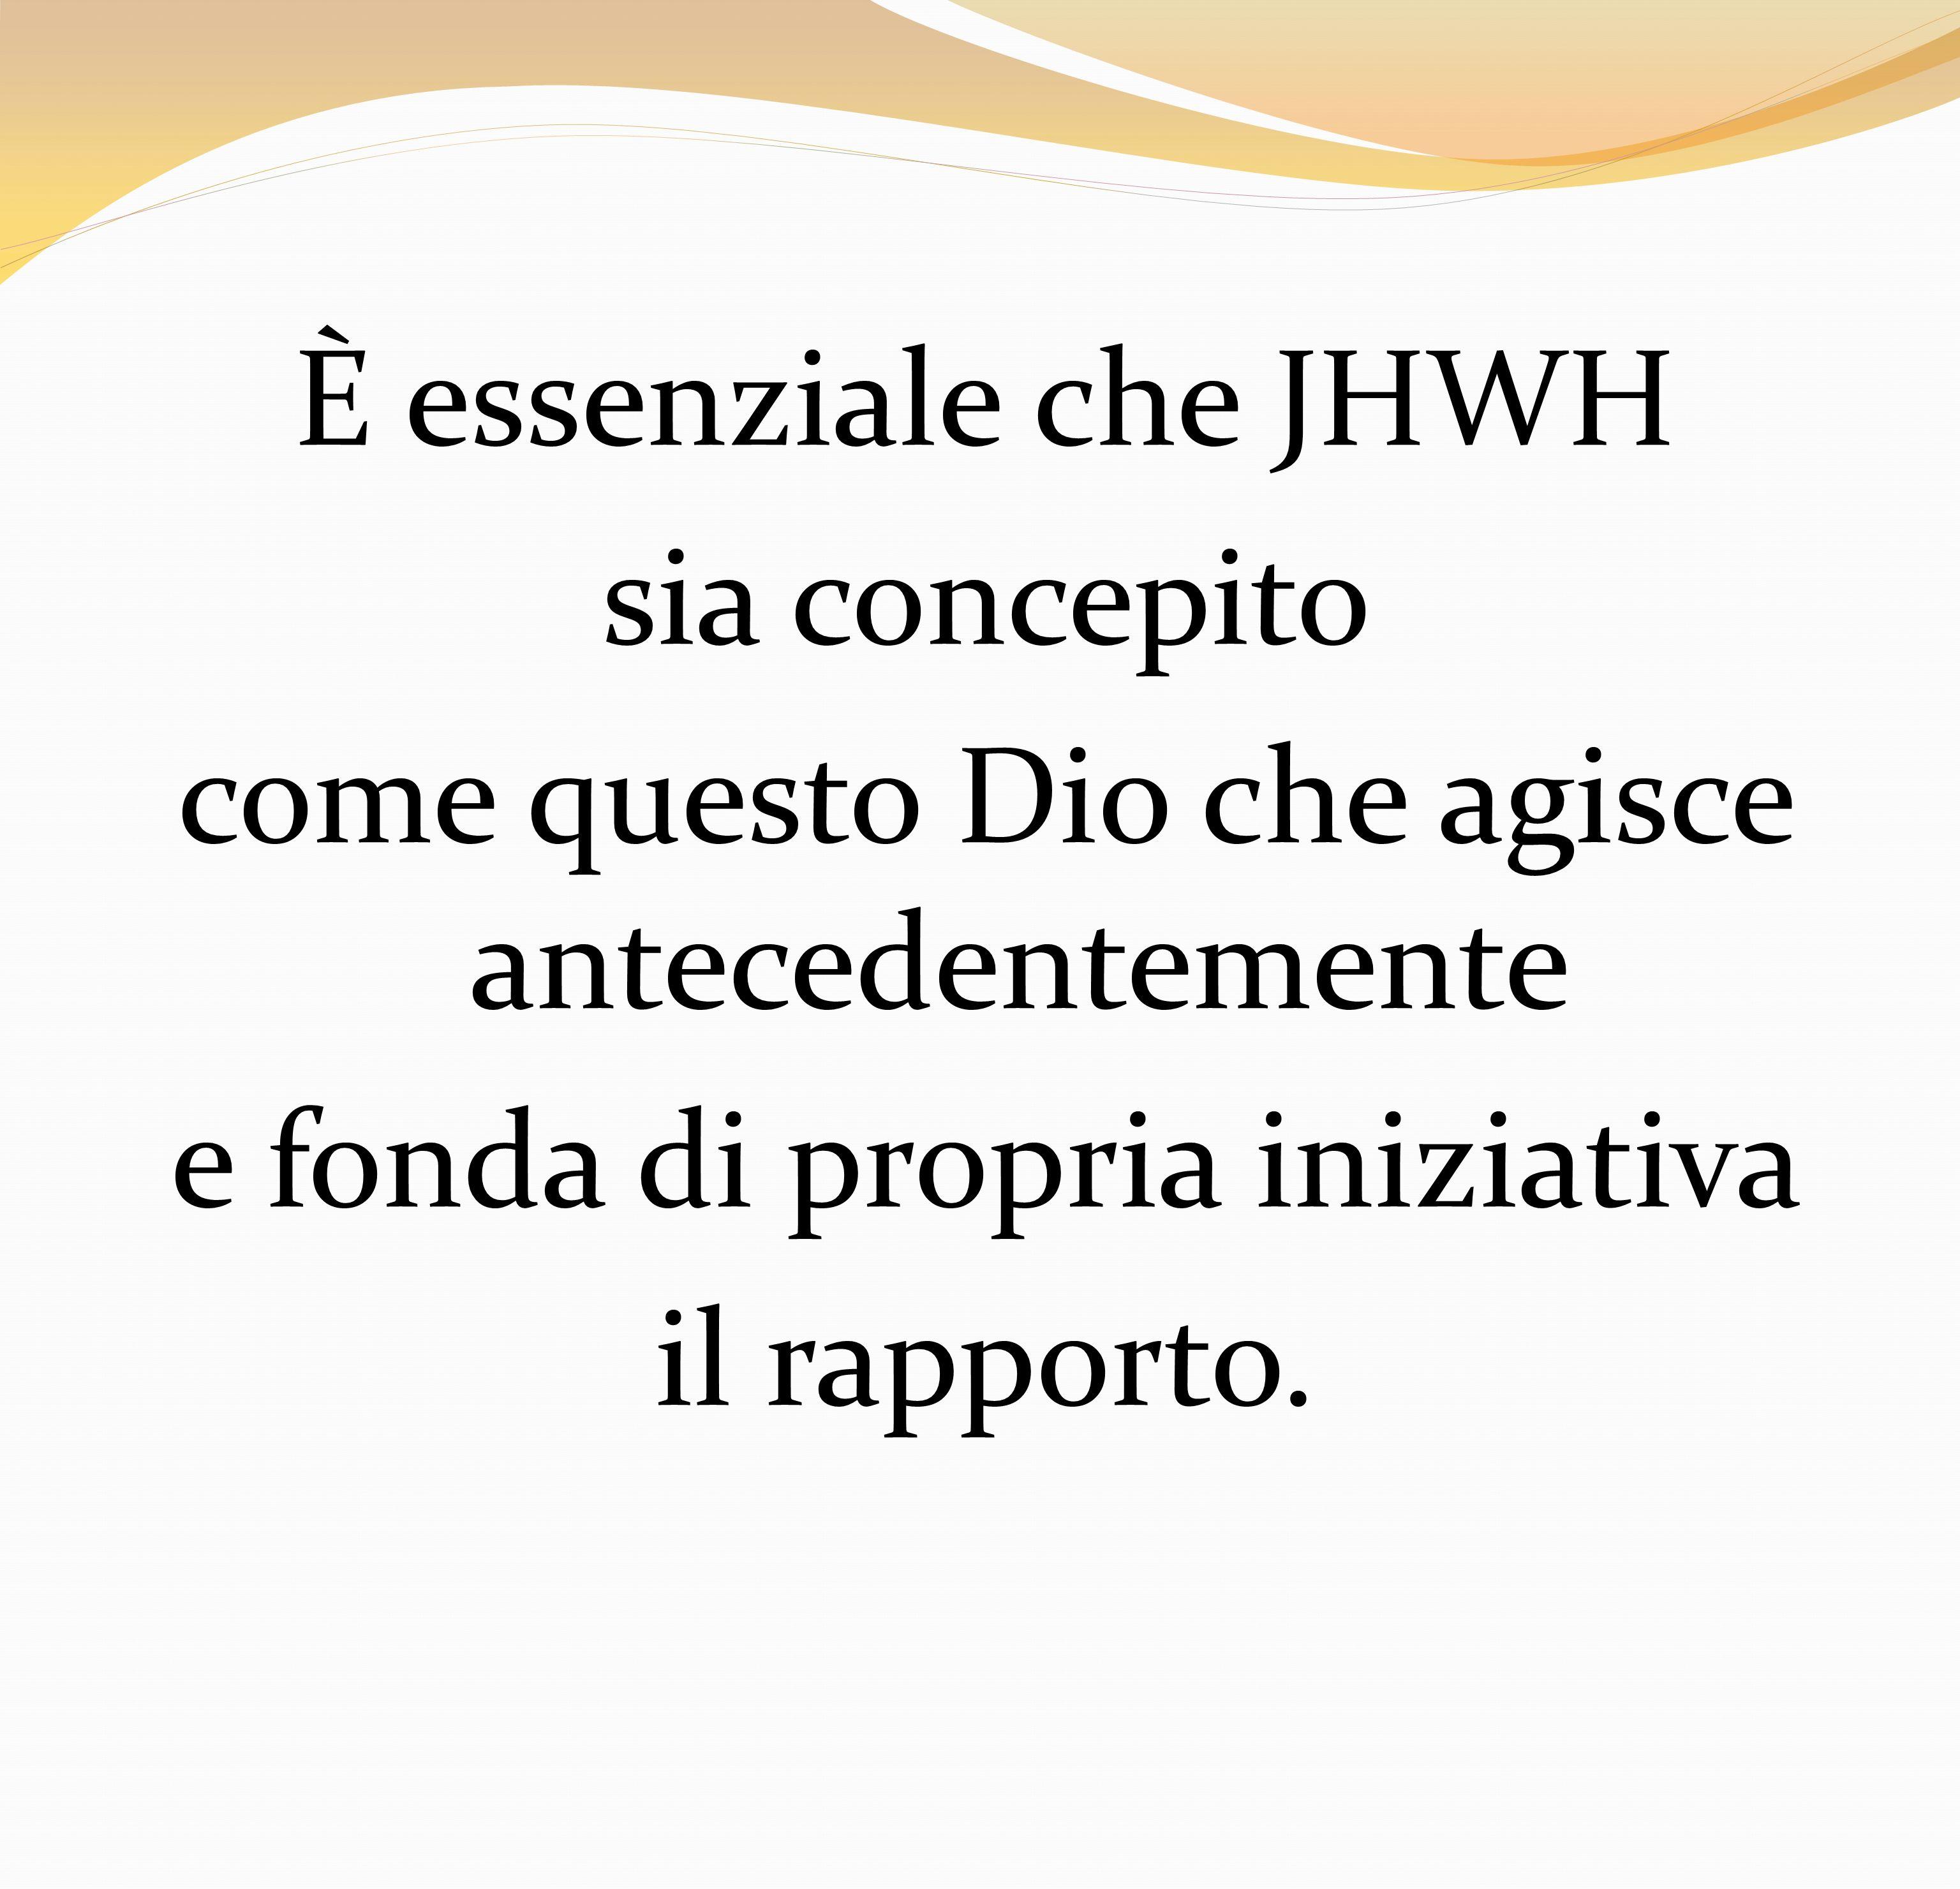 È essenziale che JHWH sia concepito come questo Dio che agisce antecedentemente e fonda di propria iniziativa il rapporto.